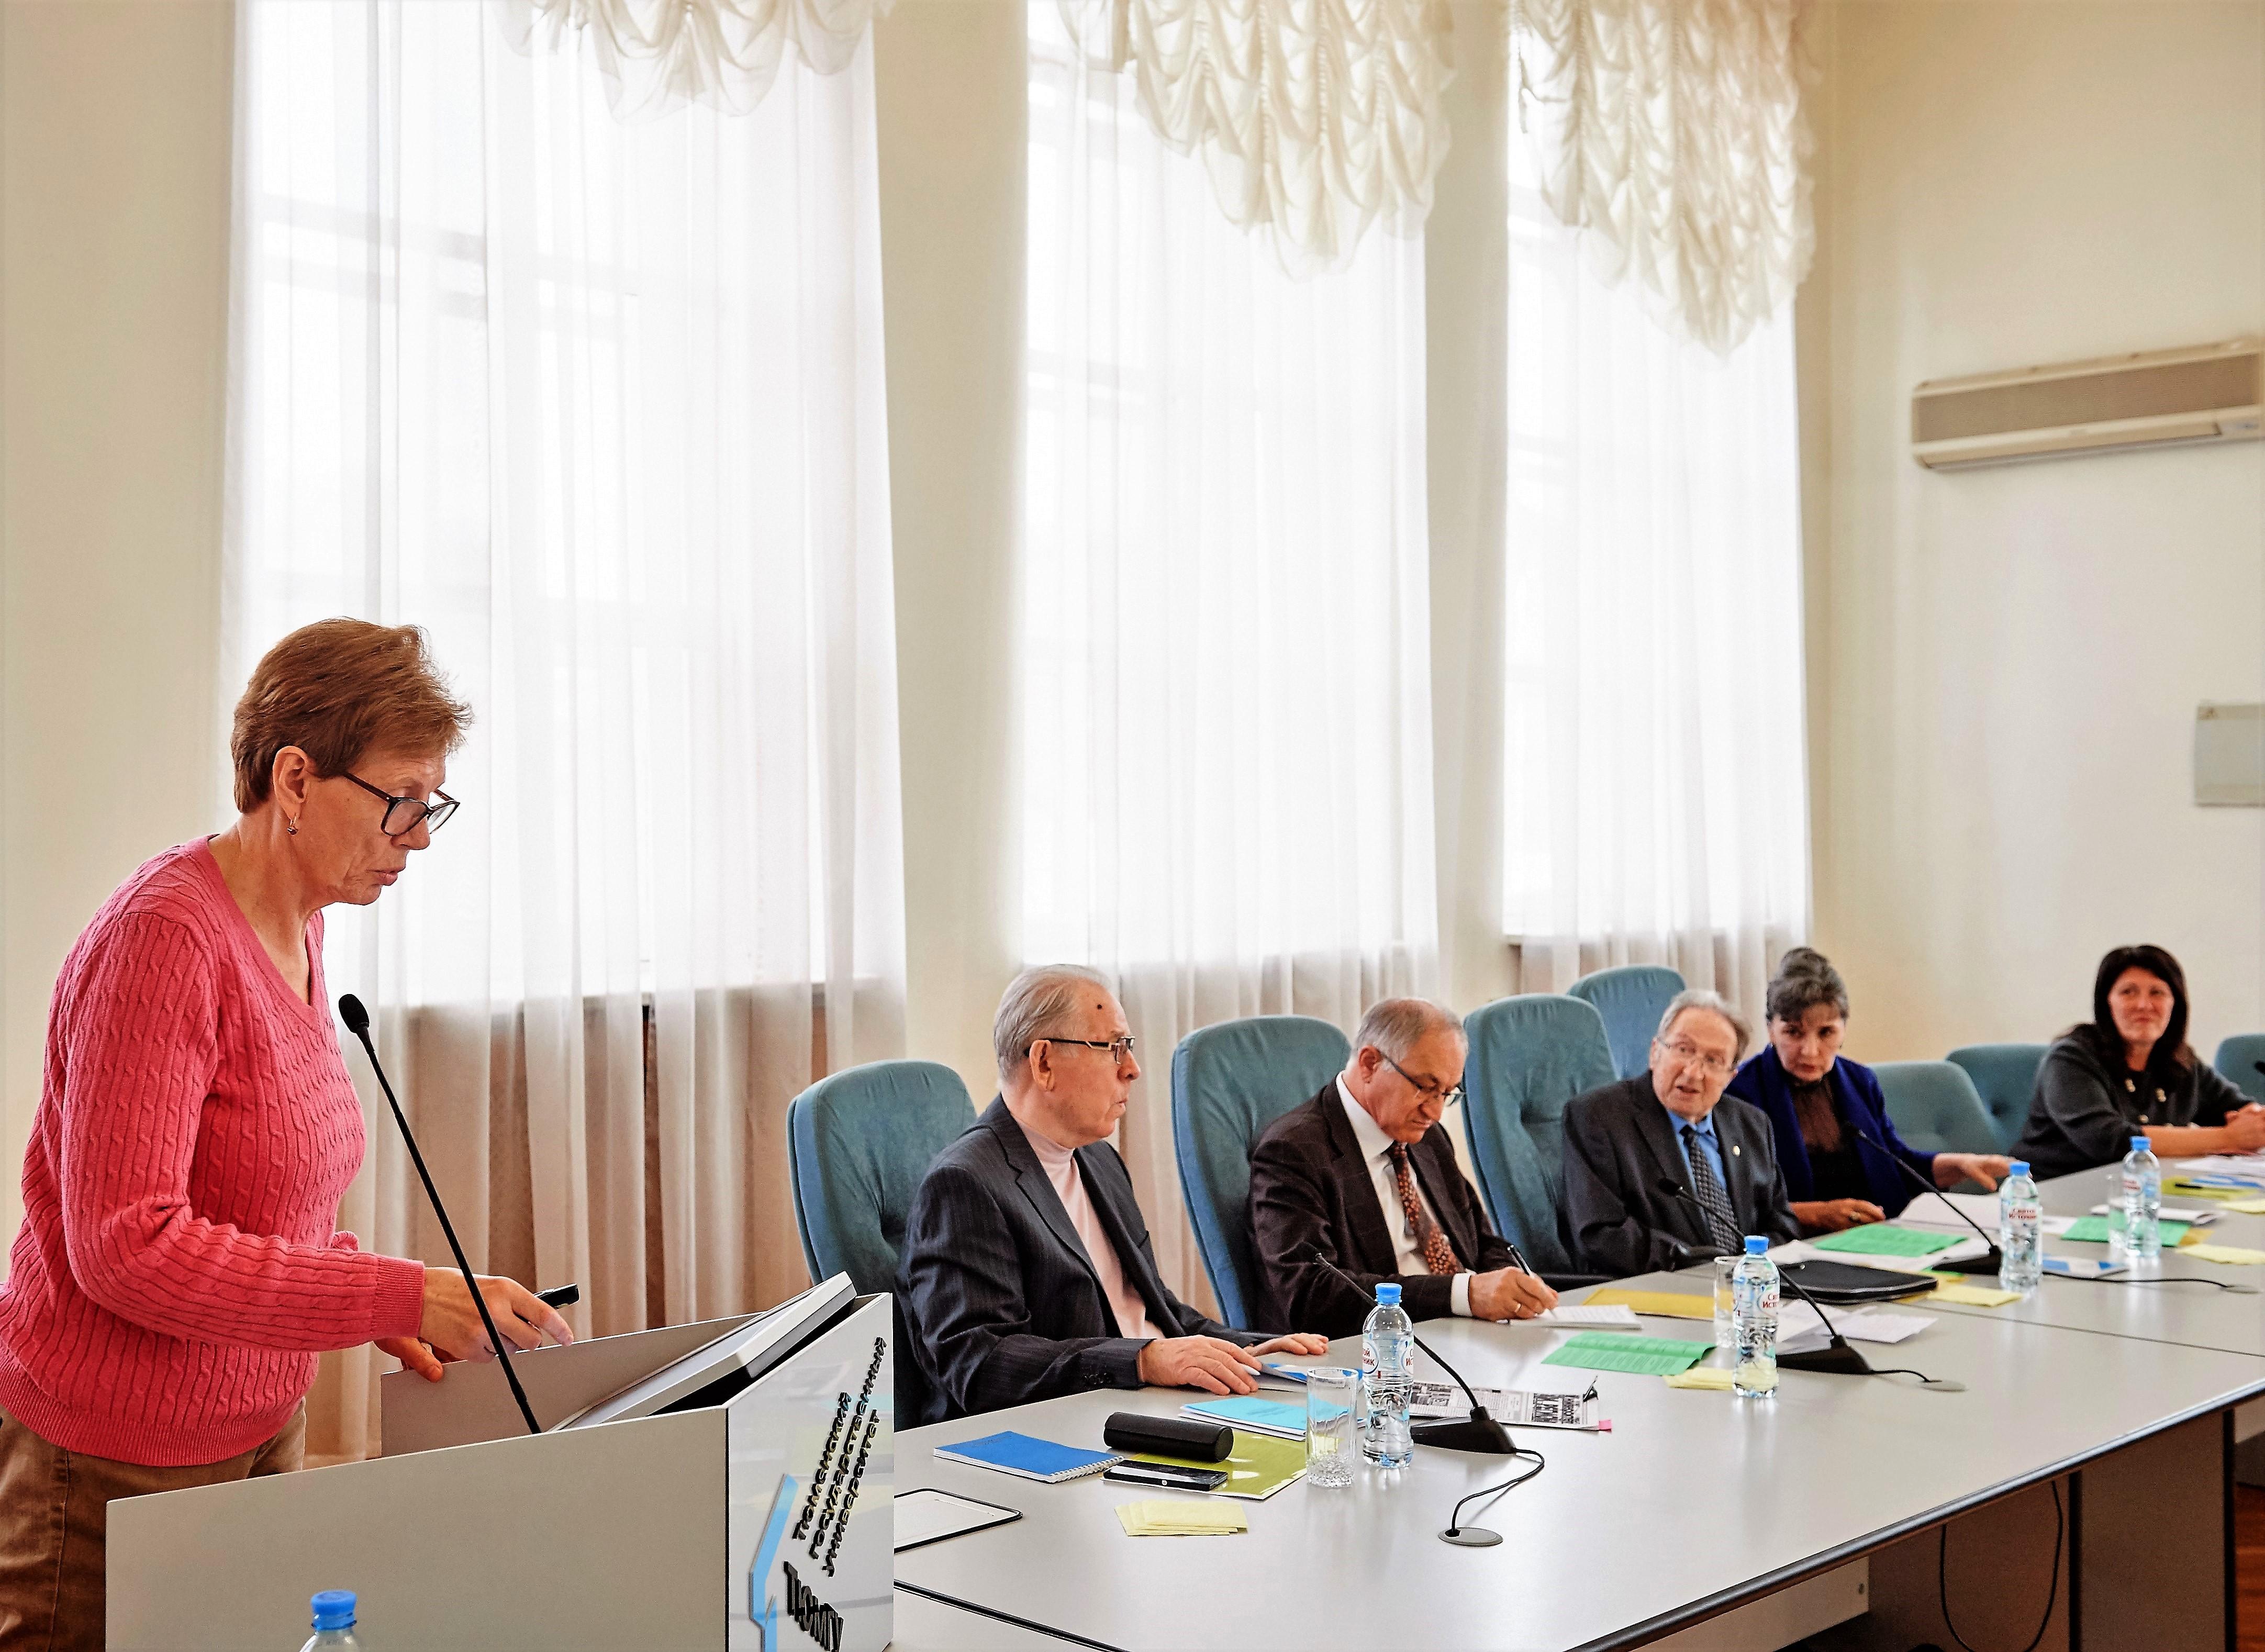 Всероссийский семинар по практической методологии педагогического исследования на тему: «Методологическая культура педагога-исследователя»